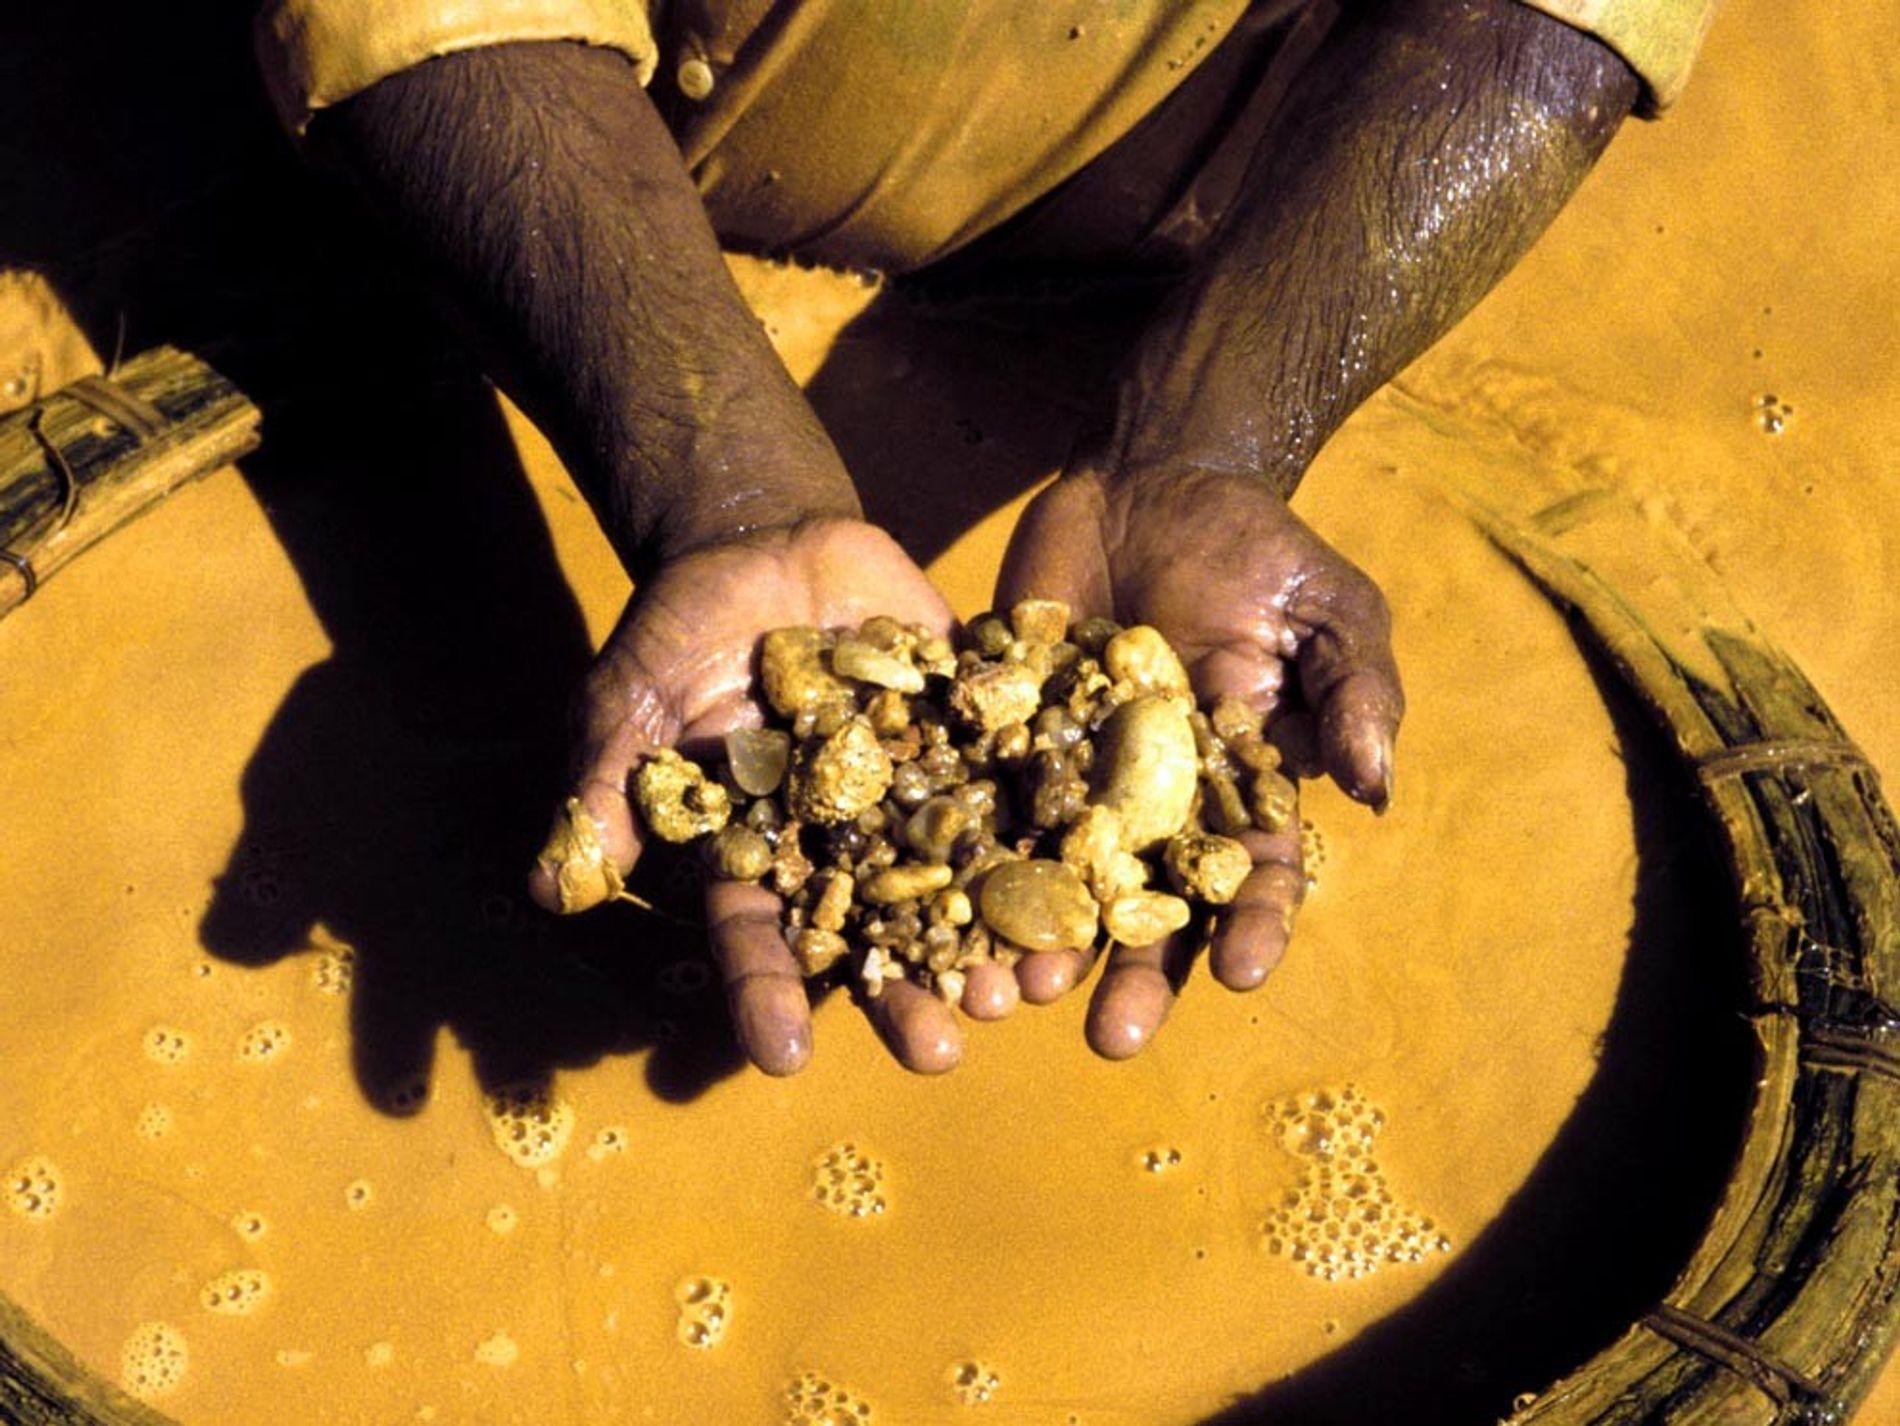 Con las manos amarillas, un minero cerca de Ratnapura, Sri Lanka, separa las piedras del barro …